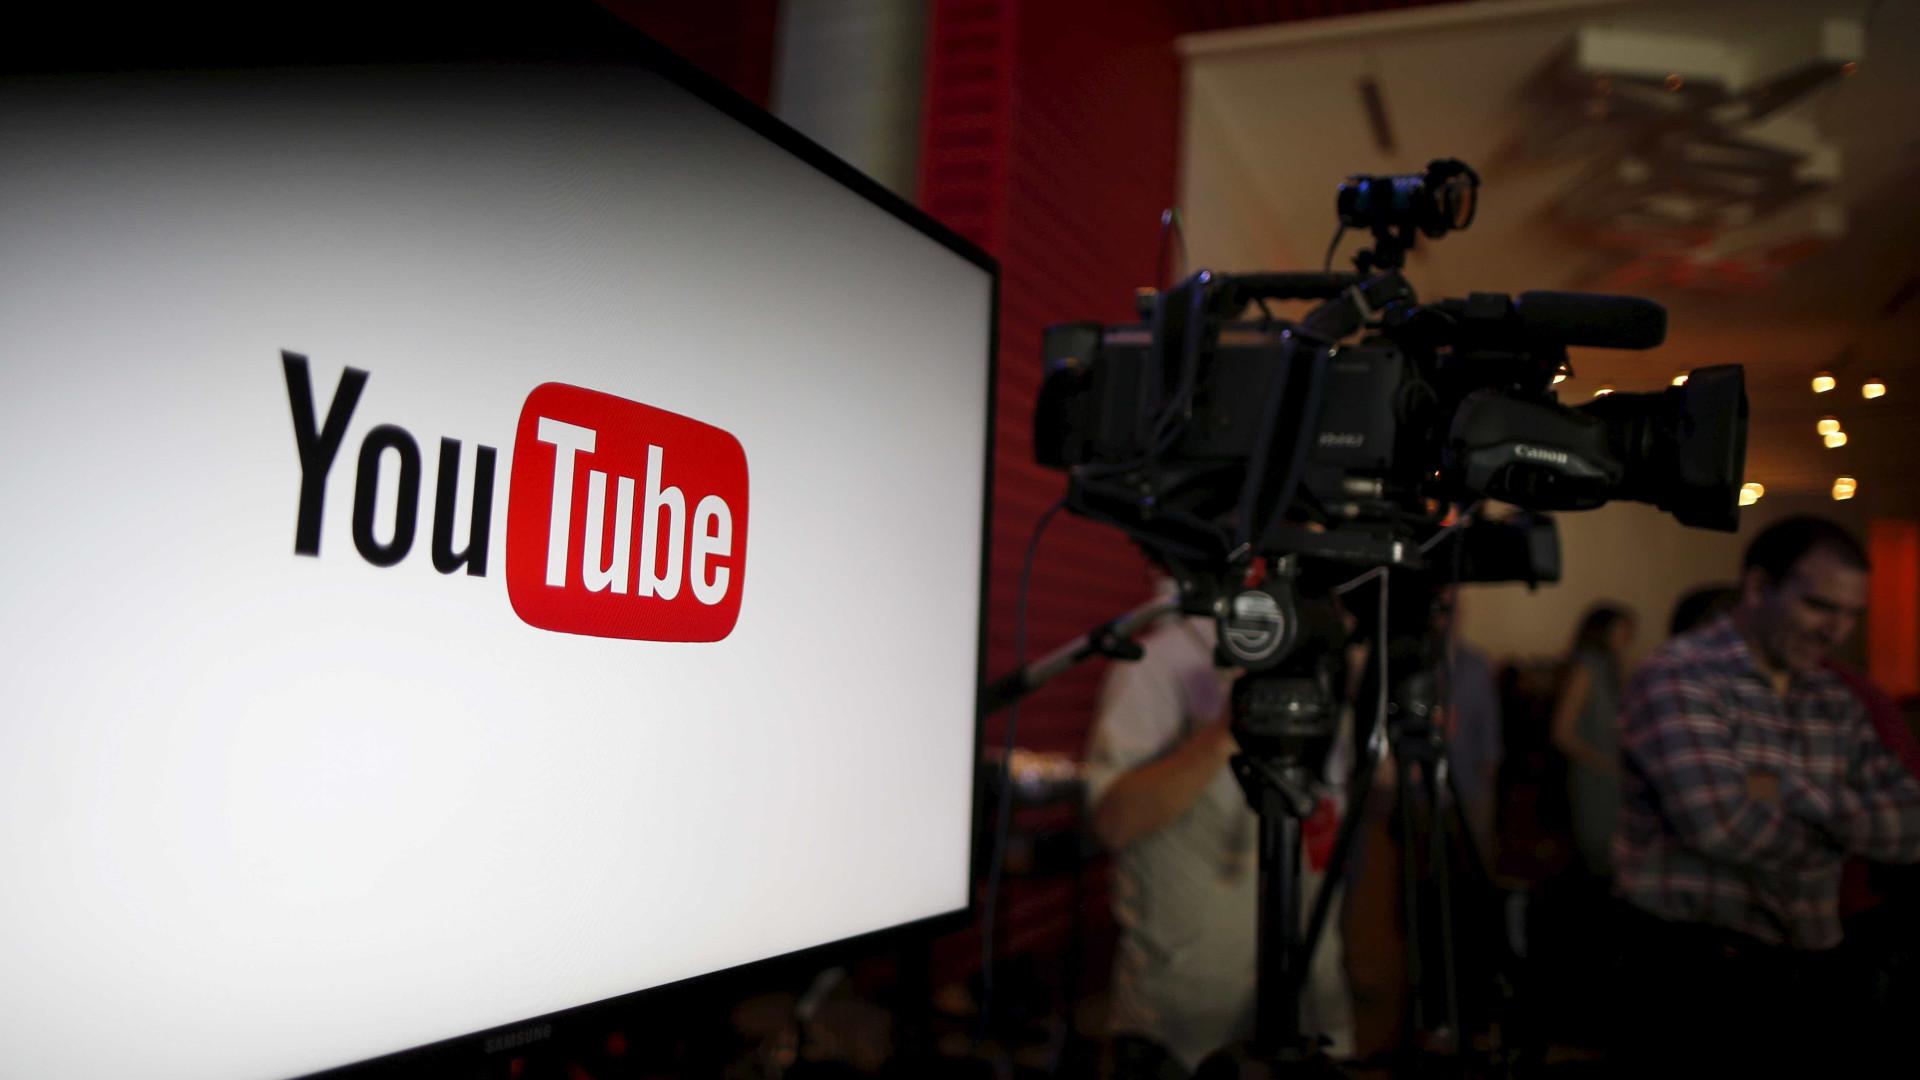 Homem armado morreu após tiroteio em casa de youtubers